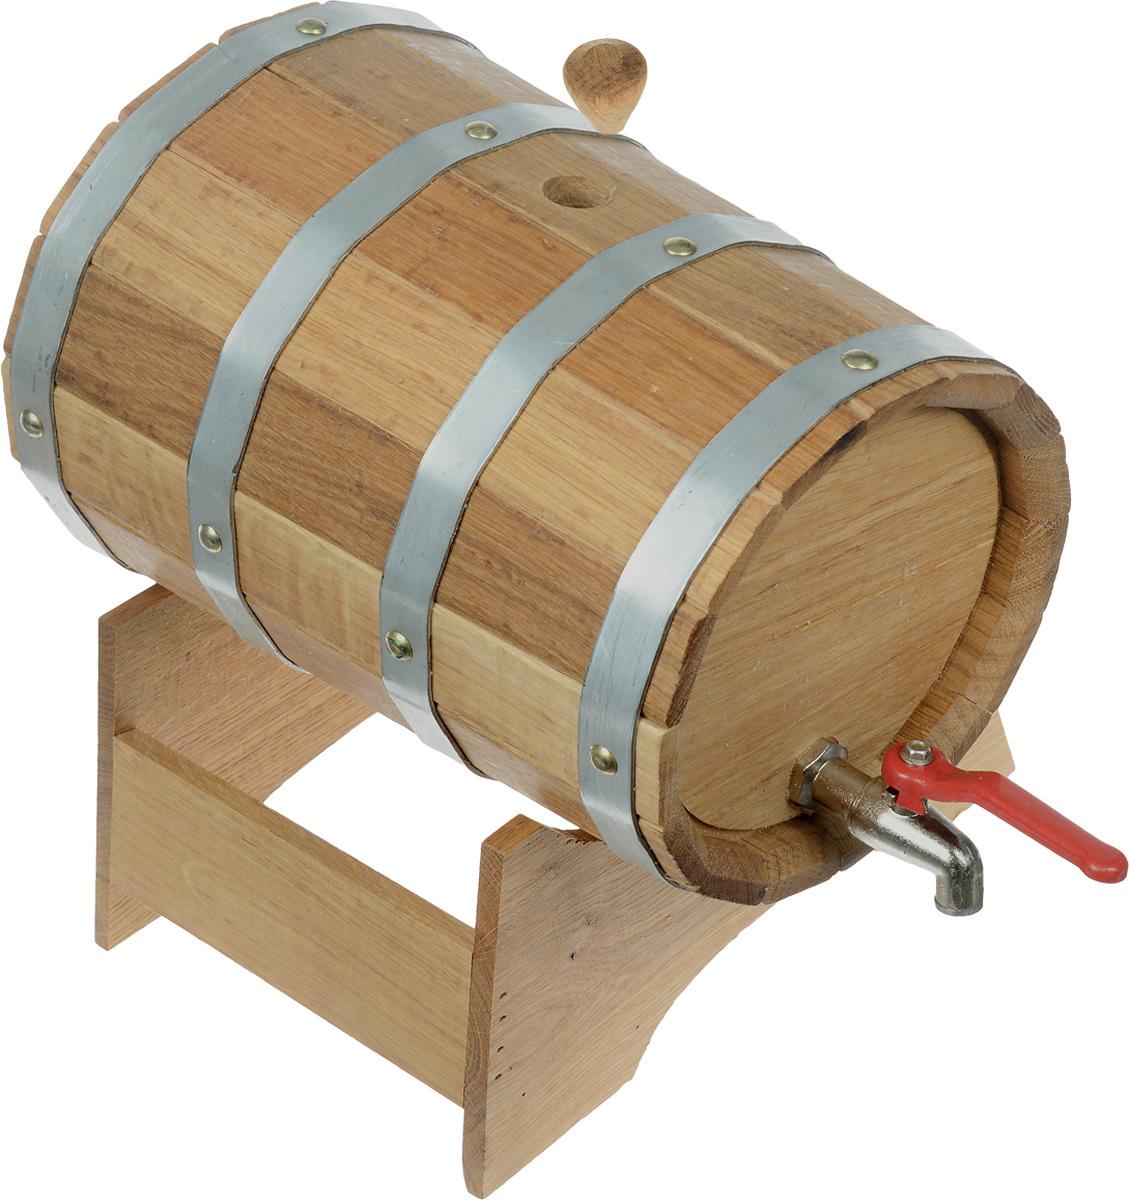 Бочонок для бани и сауны Proffi Sauna, на подставке, 5 л1004900000360Бочонок Proffi Sauna изготовлен из дуба. Он прекрасно впишется своим дизайном в интерьер.Дубовый бочонок является одним из лучших среди бондарных изделий для использования в бане или сауне. Корпус бочонка состоит из металлических обручей, стянутых клепками. Для более удобного использования изделие имеет краник и подставку. Главное достоинство в том, что все полезные свойства остаются в сохранности.Эксплуатация бондарных изделий. Перед первым использованием бондарное изделие рекомендуется подготовить. Для этого нужно наполнить изделие холодной водой и оставить наполненным на 2-3 часа. Затем необходимо воду слить, обдать изделие сначала горячей, потом холодной водой. Не рекомендуется оставлять бондарные изделия около нагревательных приборов, а также под длительным воздействием прямых солнечных лучей.С момента начала использования бондарного изделия не рекомендуется оставлять его без воды на срок более 1 недели. Но и продолжительное время хранить в таких изделиях воду тоже не следует.После каждого использования необходимо вымыть и ошпарить изделие кипятком. В качестве моющих средств желательно использовать пищевую соду либо раствор горчичного порошка.Правильное обращение с бондарными изделиями позволит надолго сохранить их эксплуатационные свойства и продлить срок использования! Объем бочонка: 5 л. Диаметр бочонка (по верхнему краю): 18,5 см. Размер подставки: 19 х 26 х 13 см.